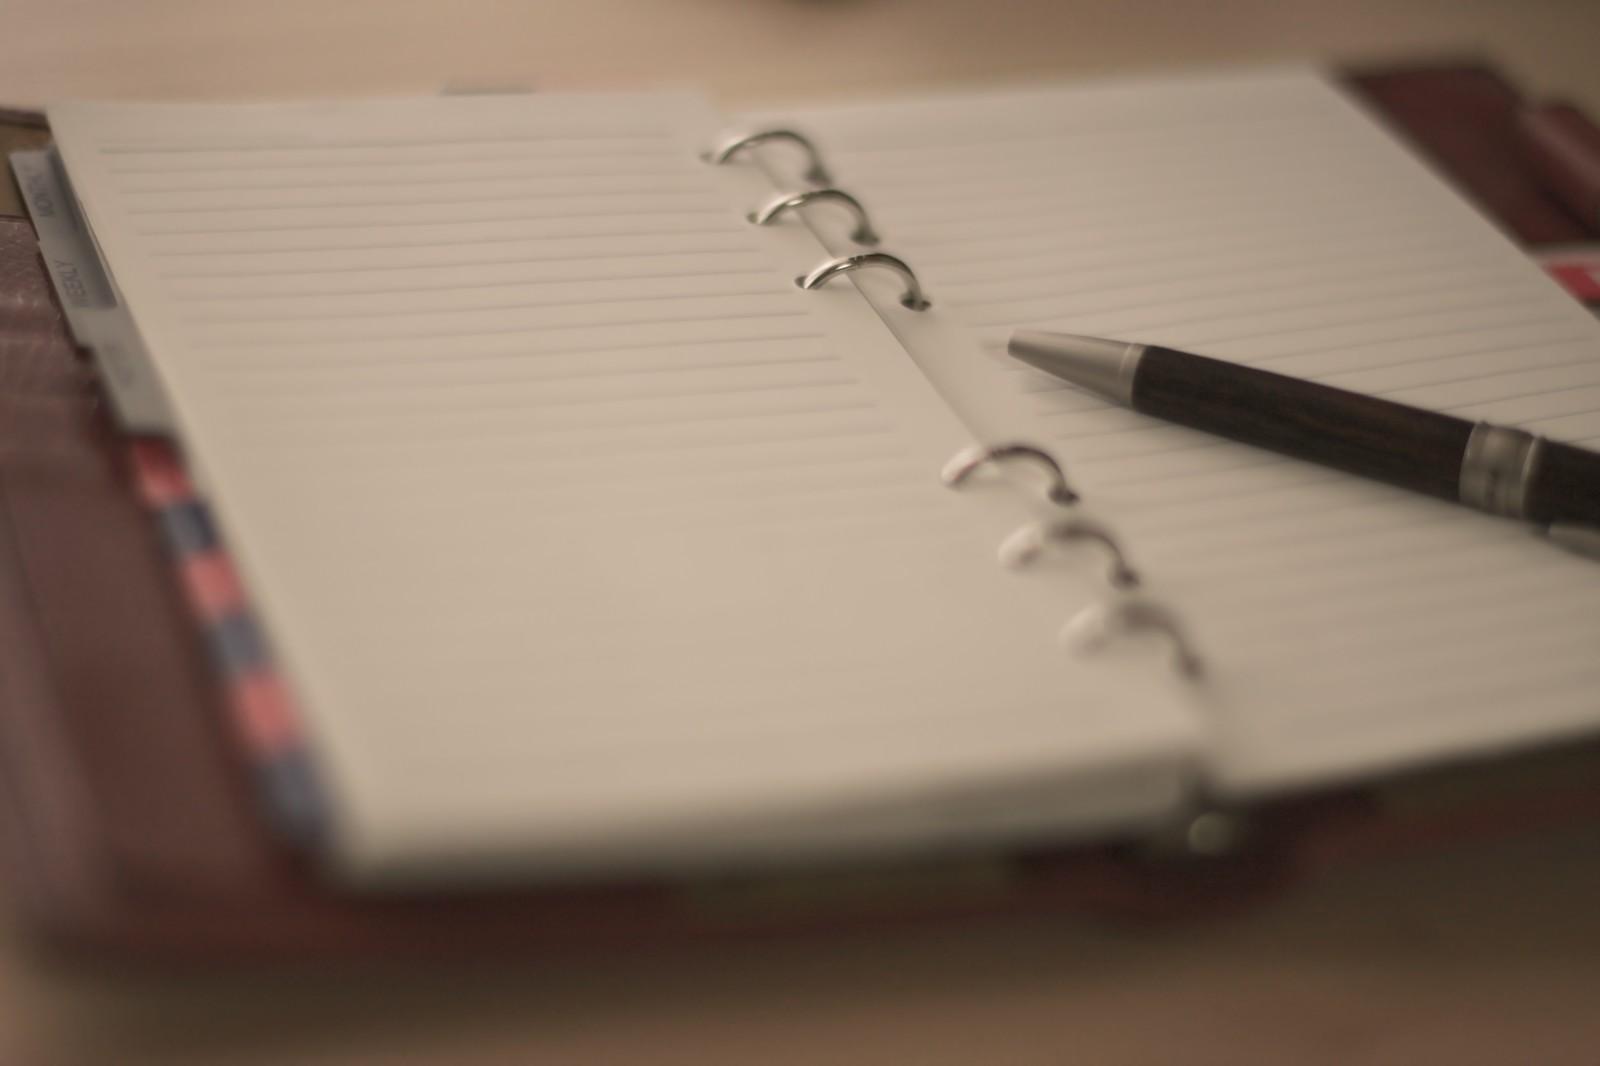 受験生におすすめのノートの取り方「1行ずつあける」